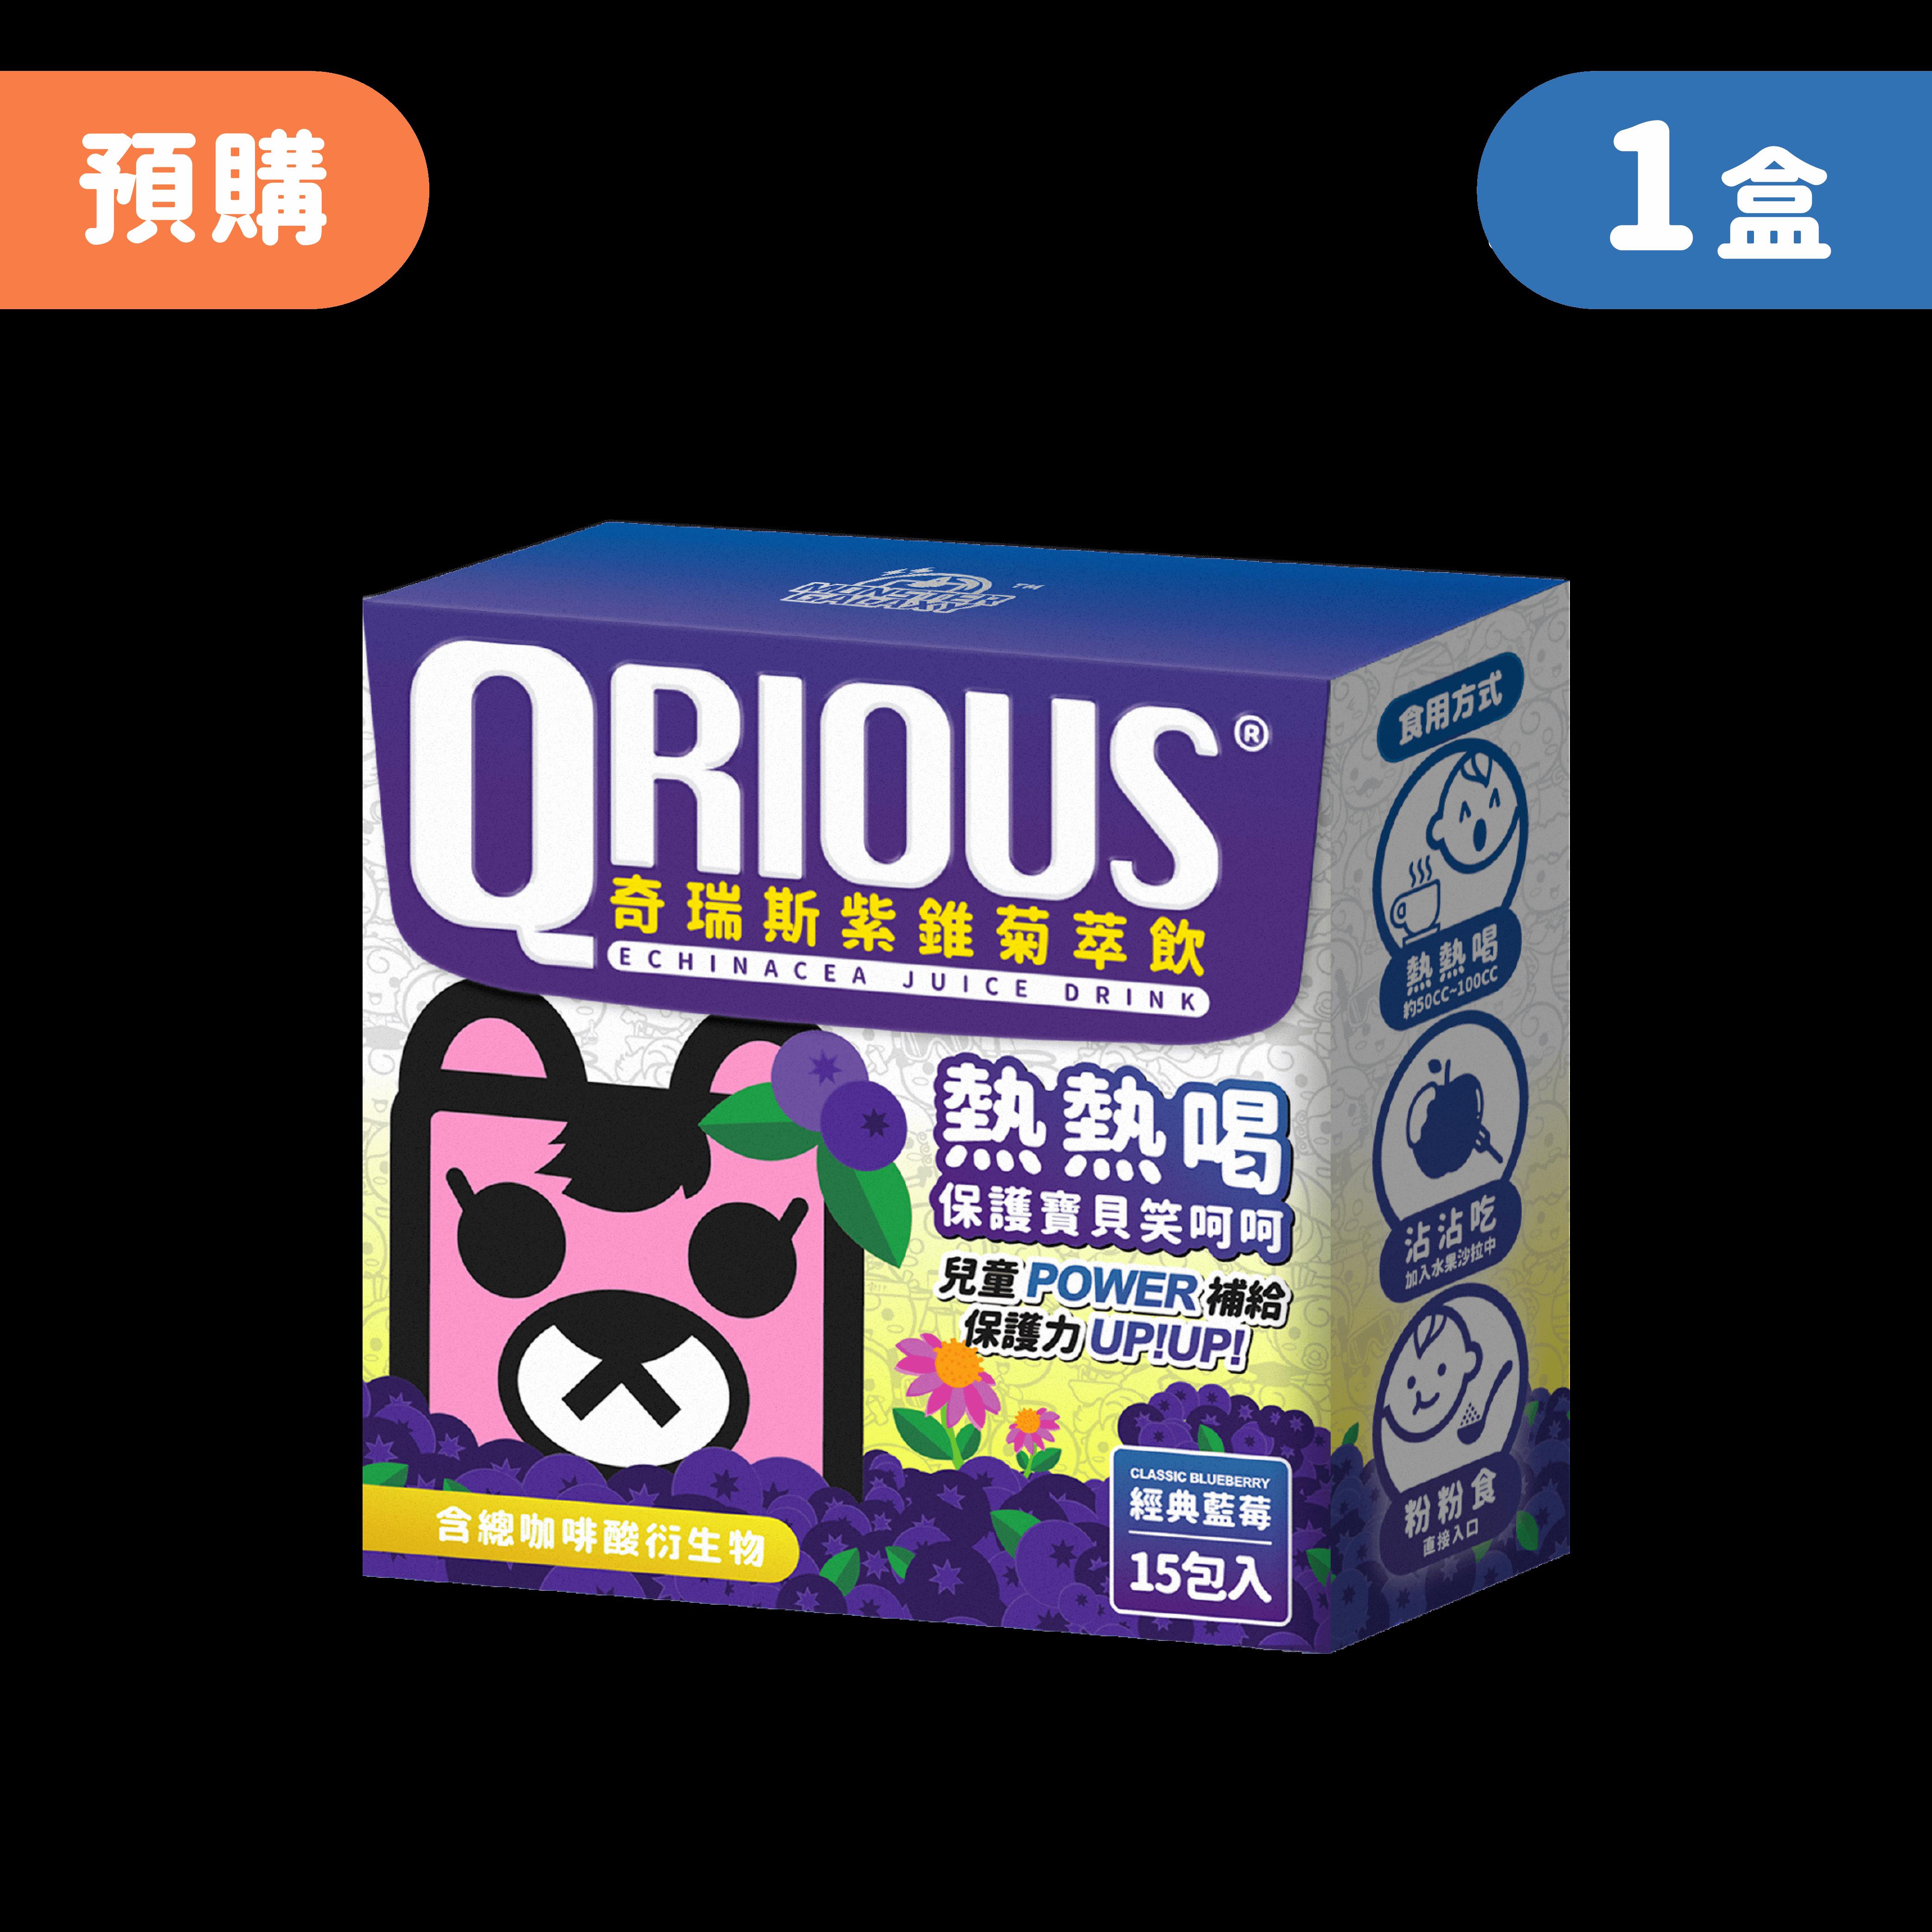 【預購-增強保護力】QRIOUS®奇瑞斯紫錐菊萃飲//藍莓口味PLUS-升級上市!